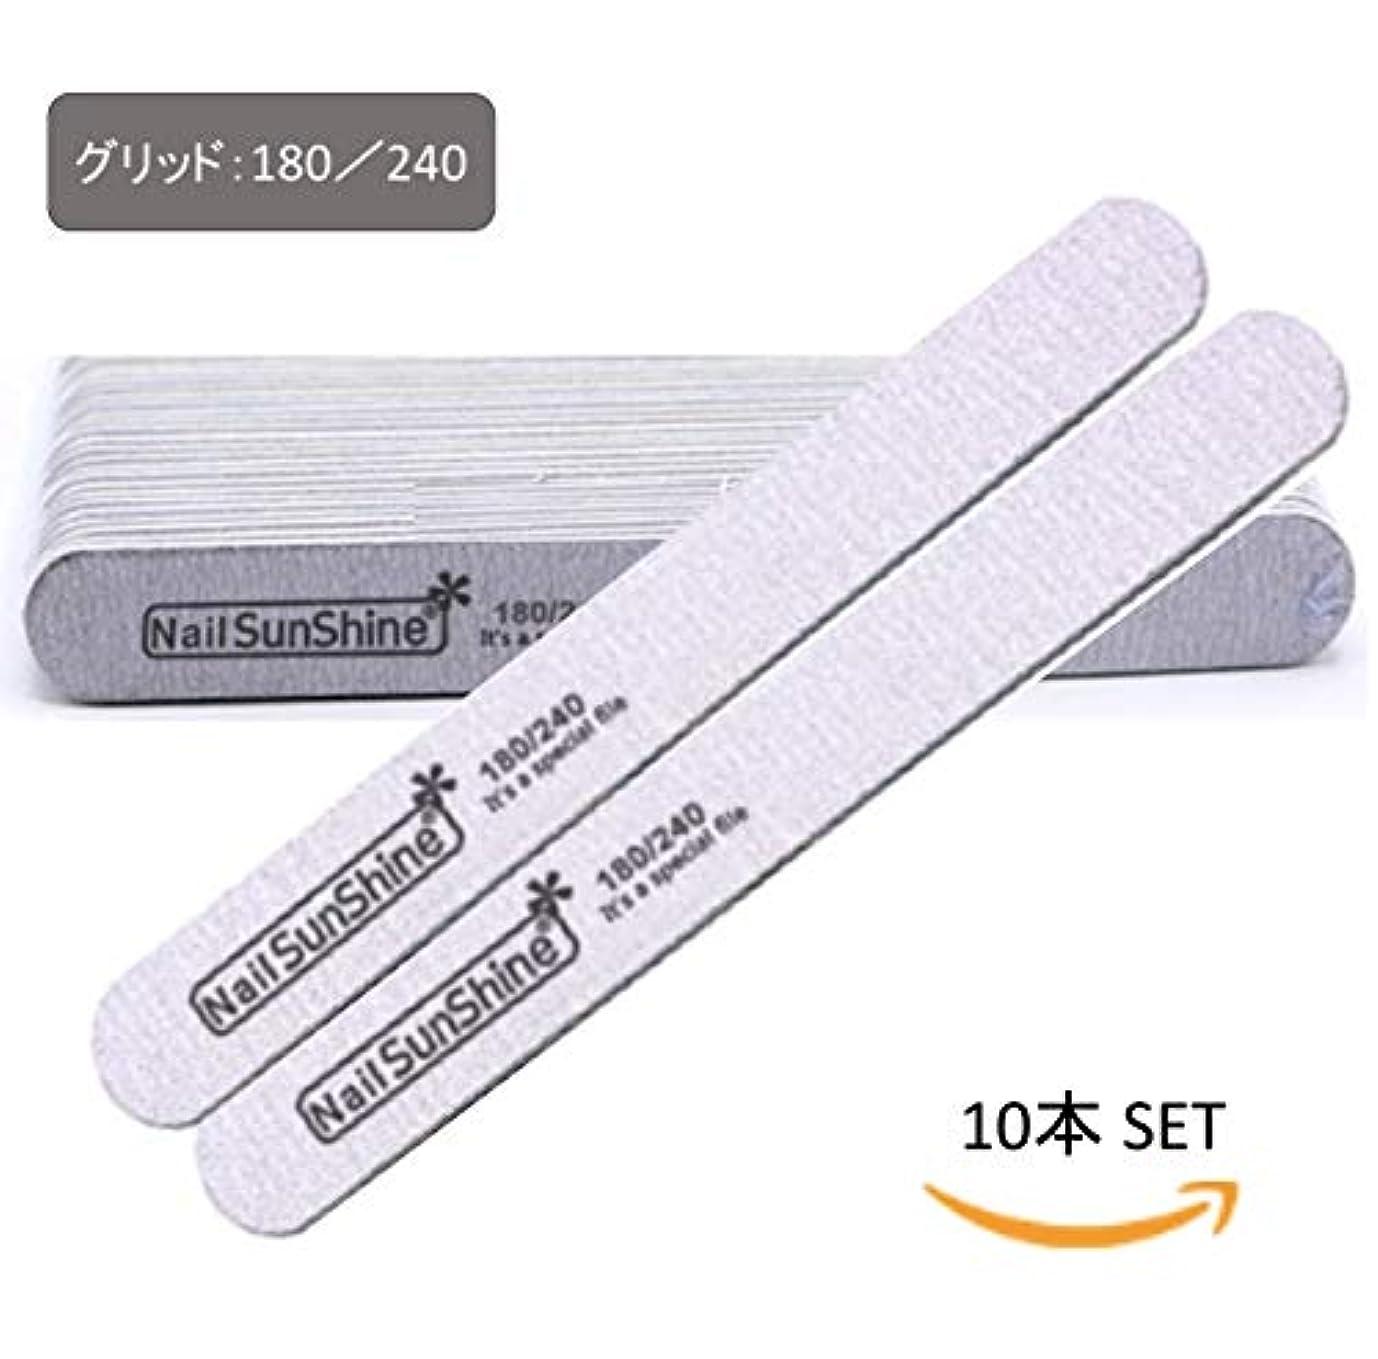 おしゃれな雇った理想的にはBEATON JAPAN 爪やすり ネイルファイル エメリーボード アクリルファイル 100/150 180/240 240/320 10本セット ジェルオフ (180/240)